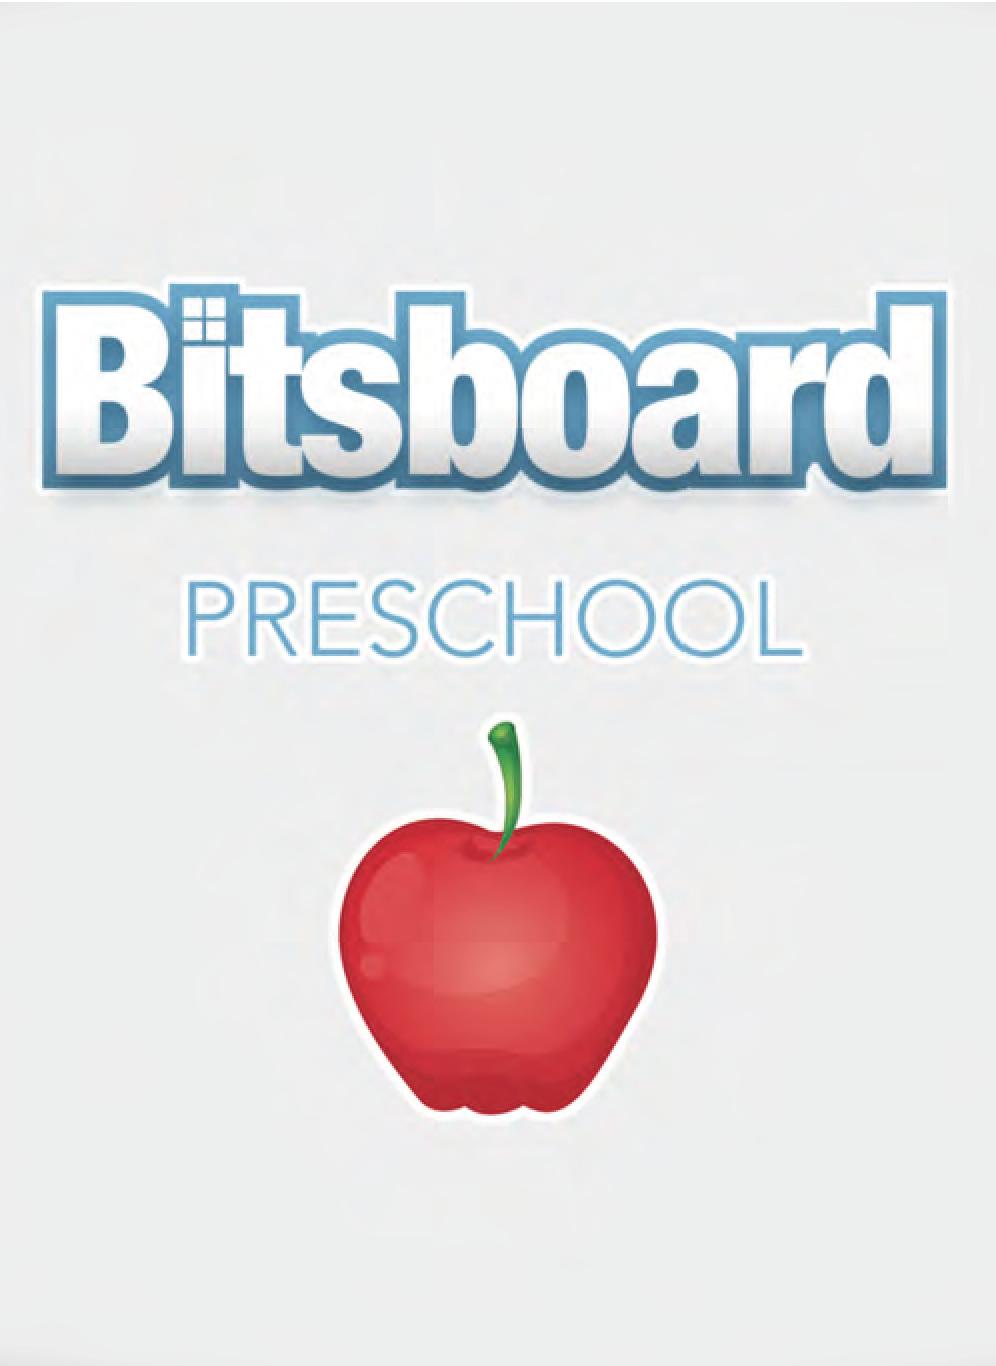 Bitsboard Preschool画像